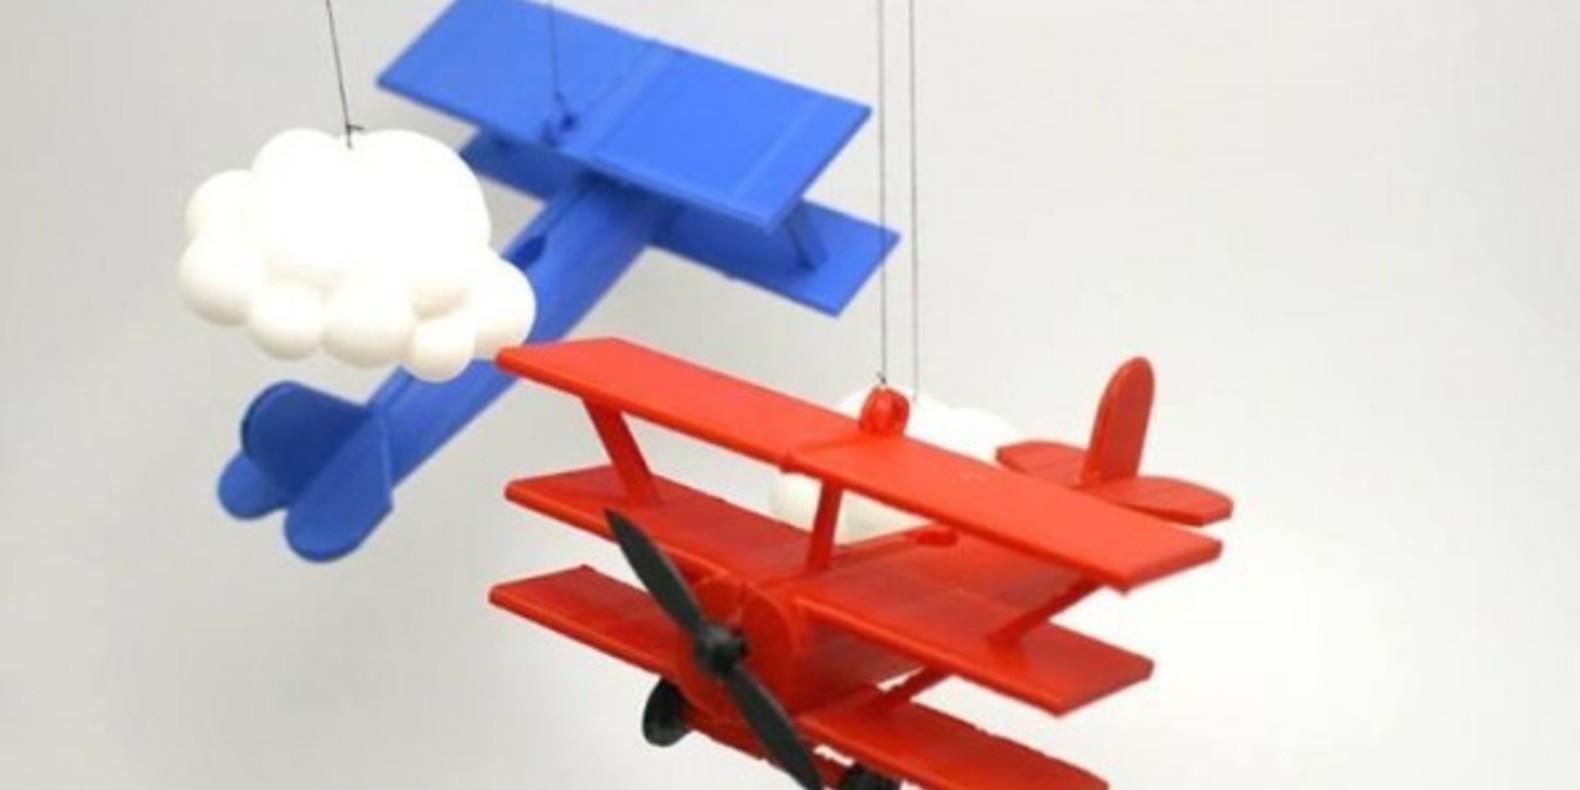 xyz workshop fichier 3D impression 3D createur design cults 3D Elena Low Kae Woei Lim 7